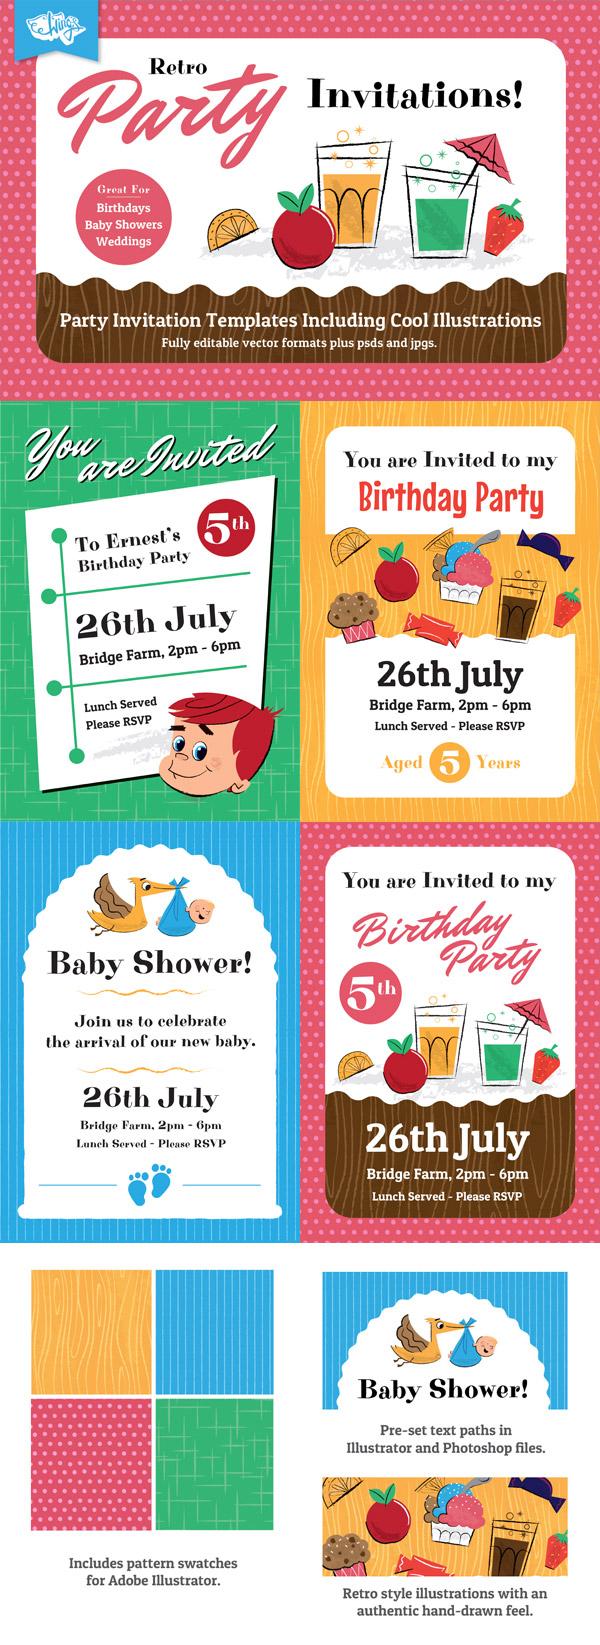 retro party invitation design templates for members